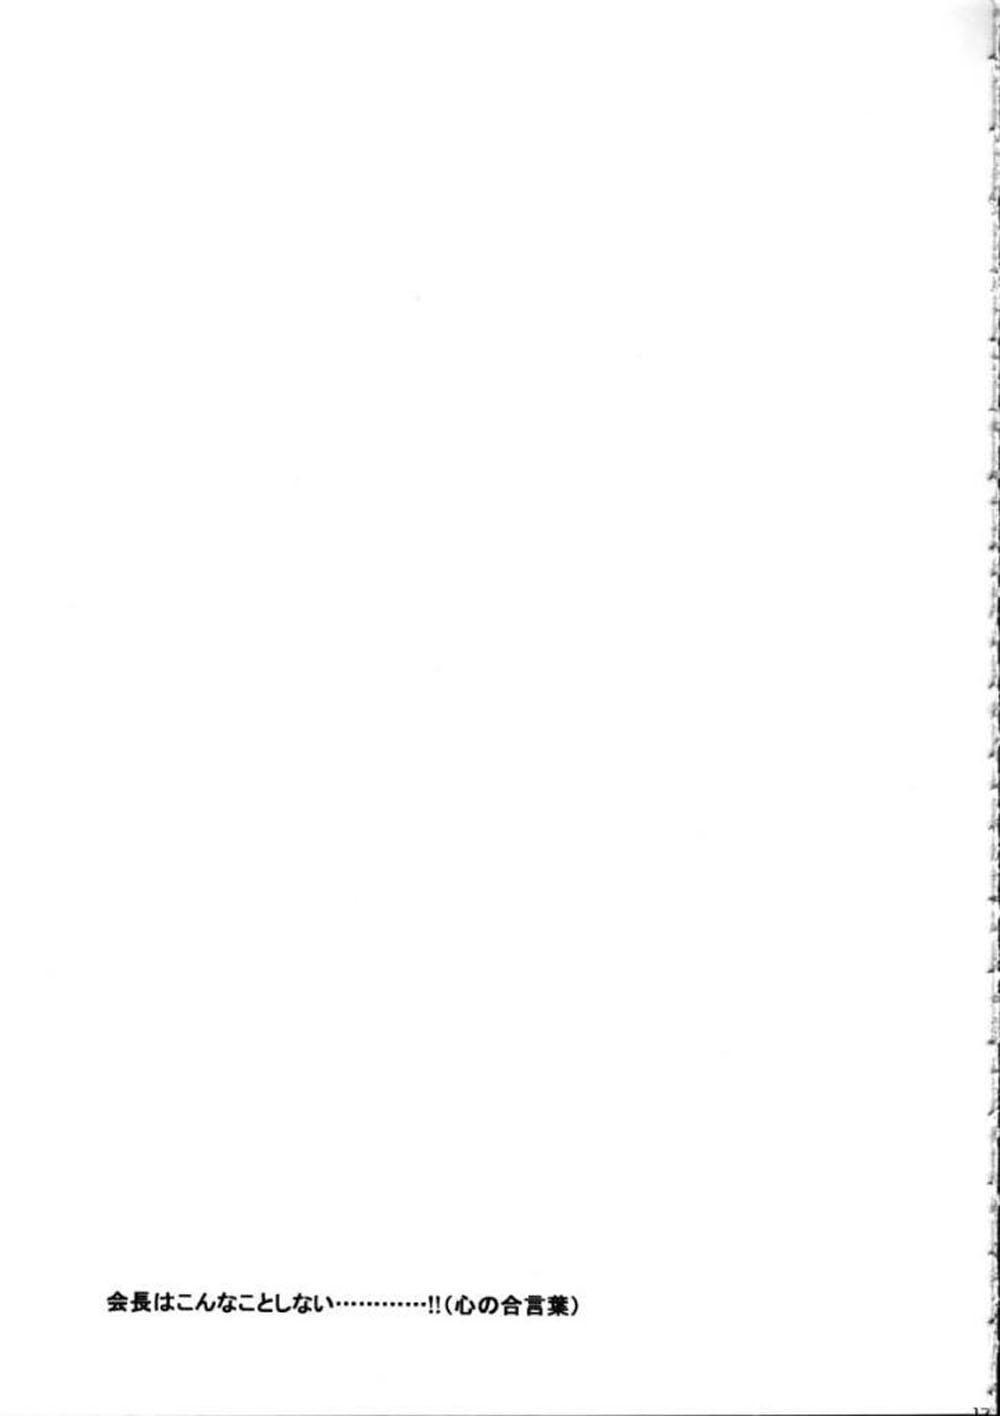 (C67) [Toko-ya (Kitoen) Regal x Presea (Tales of Symphonia) [English] 15